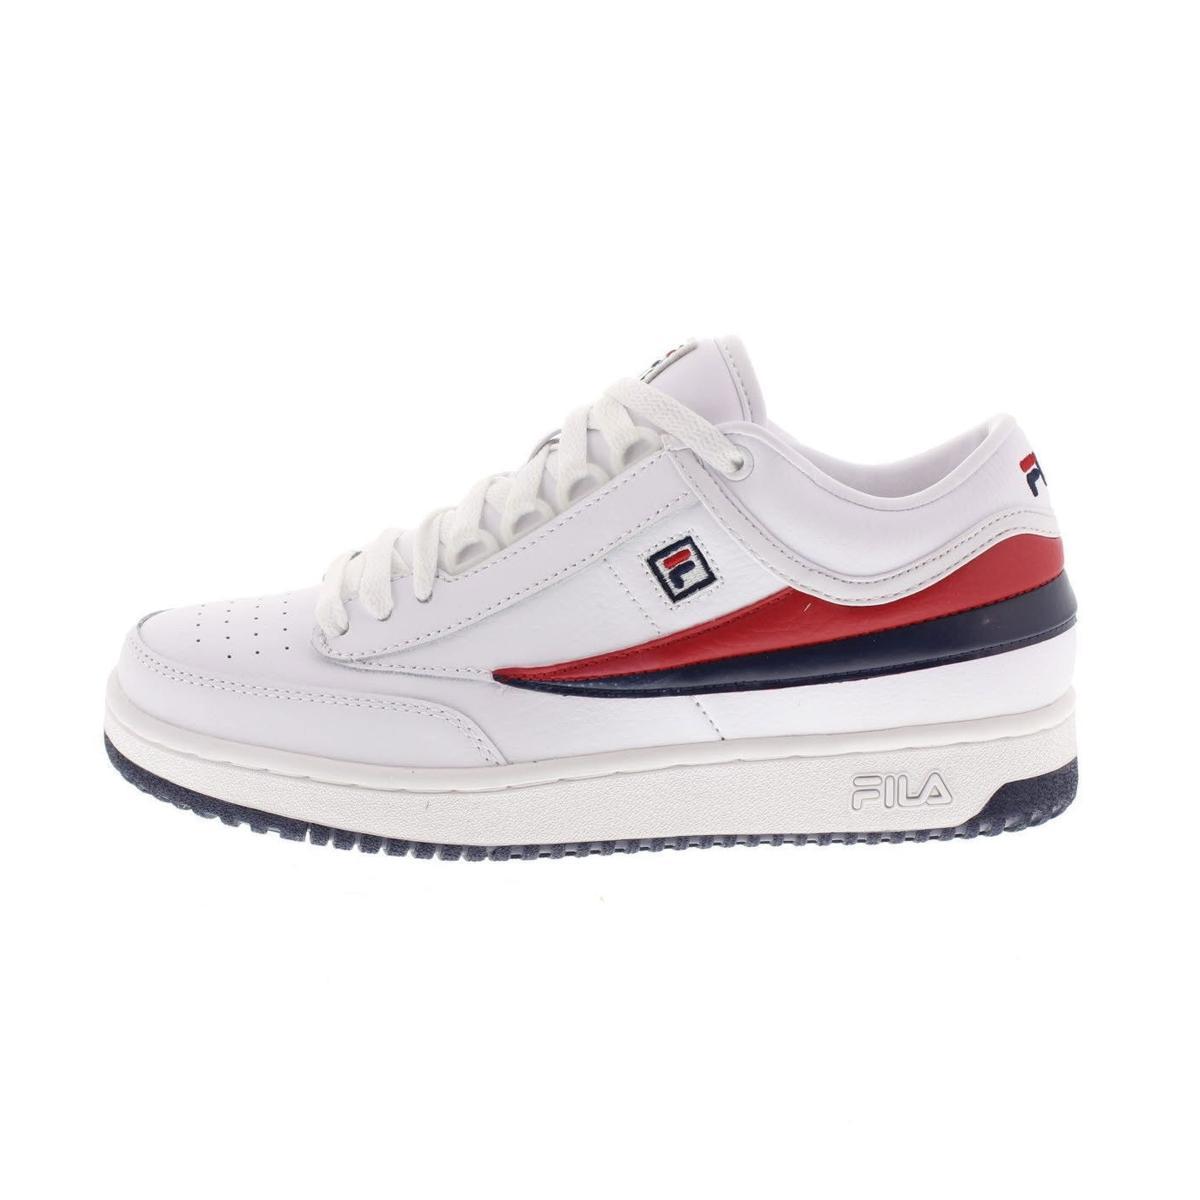 Scarpe Sneakers FILA T1 MID da uomo rif. 1VT13037.150